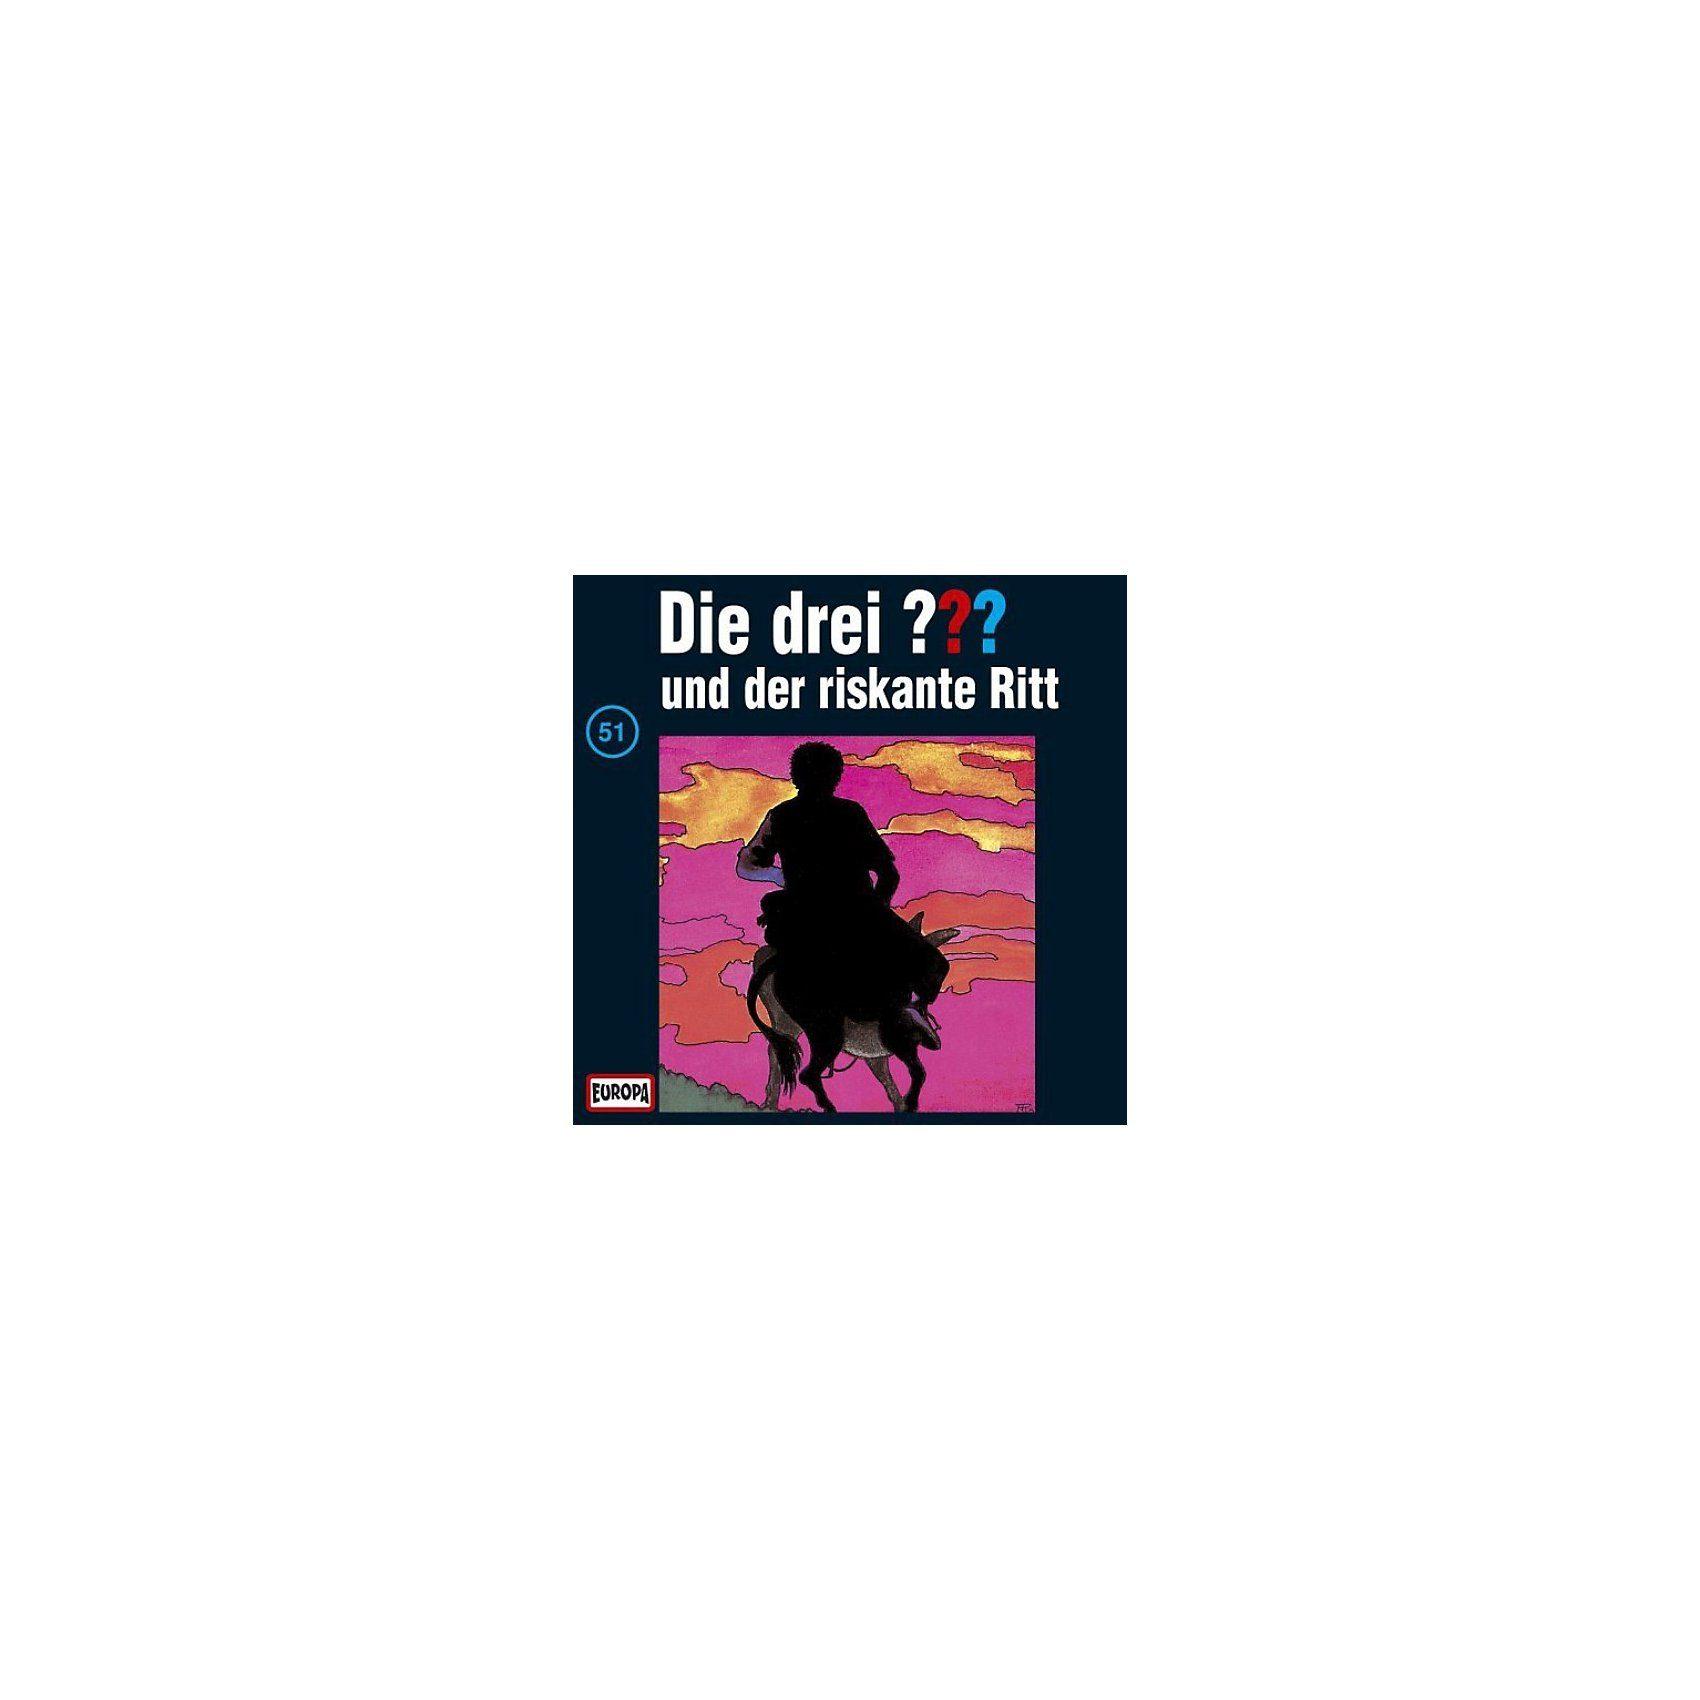 SONY BMG MUSIC CD Die Drei ??? 051/und der riskante Ritt